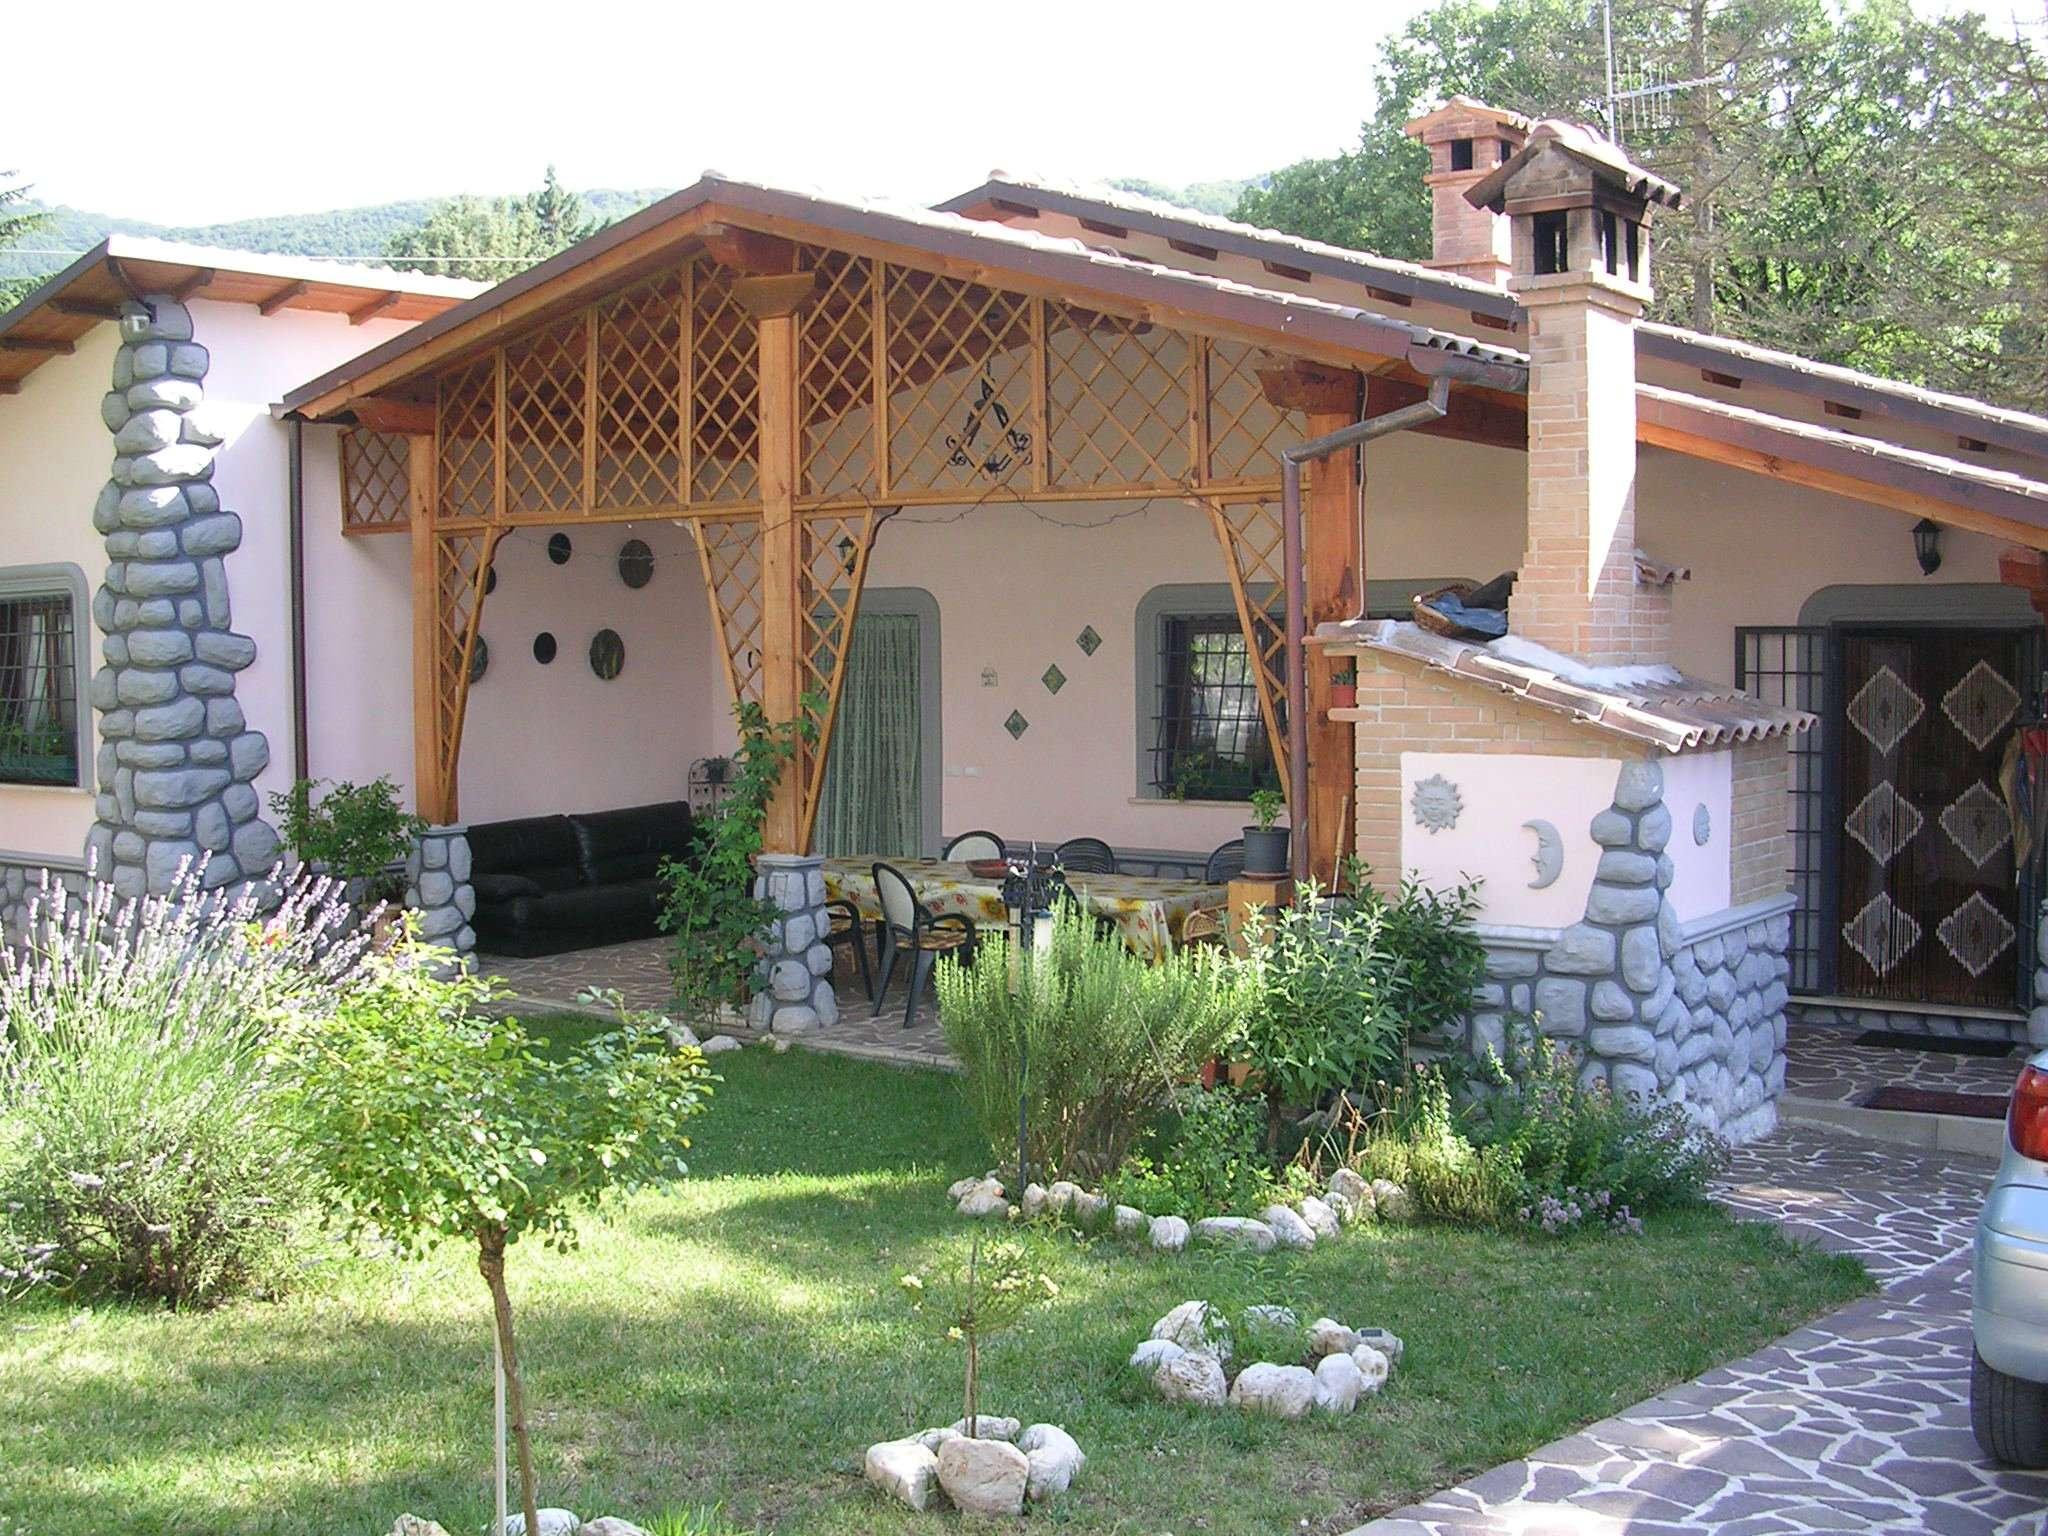 Villa in vendita a Rocca di Botte, 6 locali, prezzo € 270.000 | CambioCasa.it